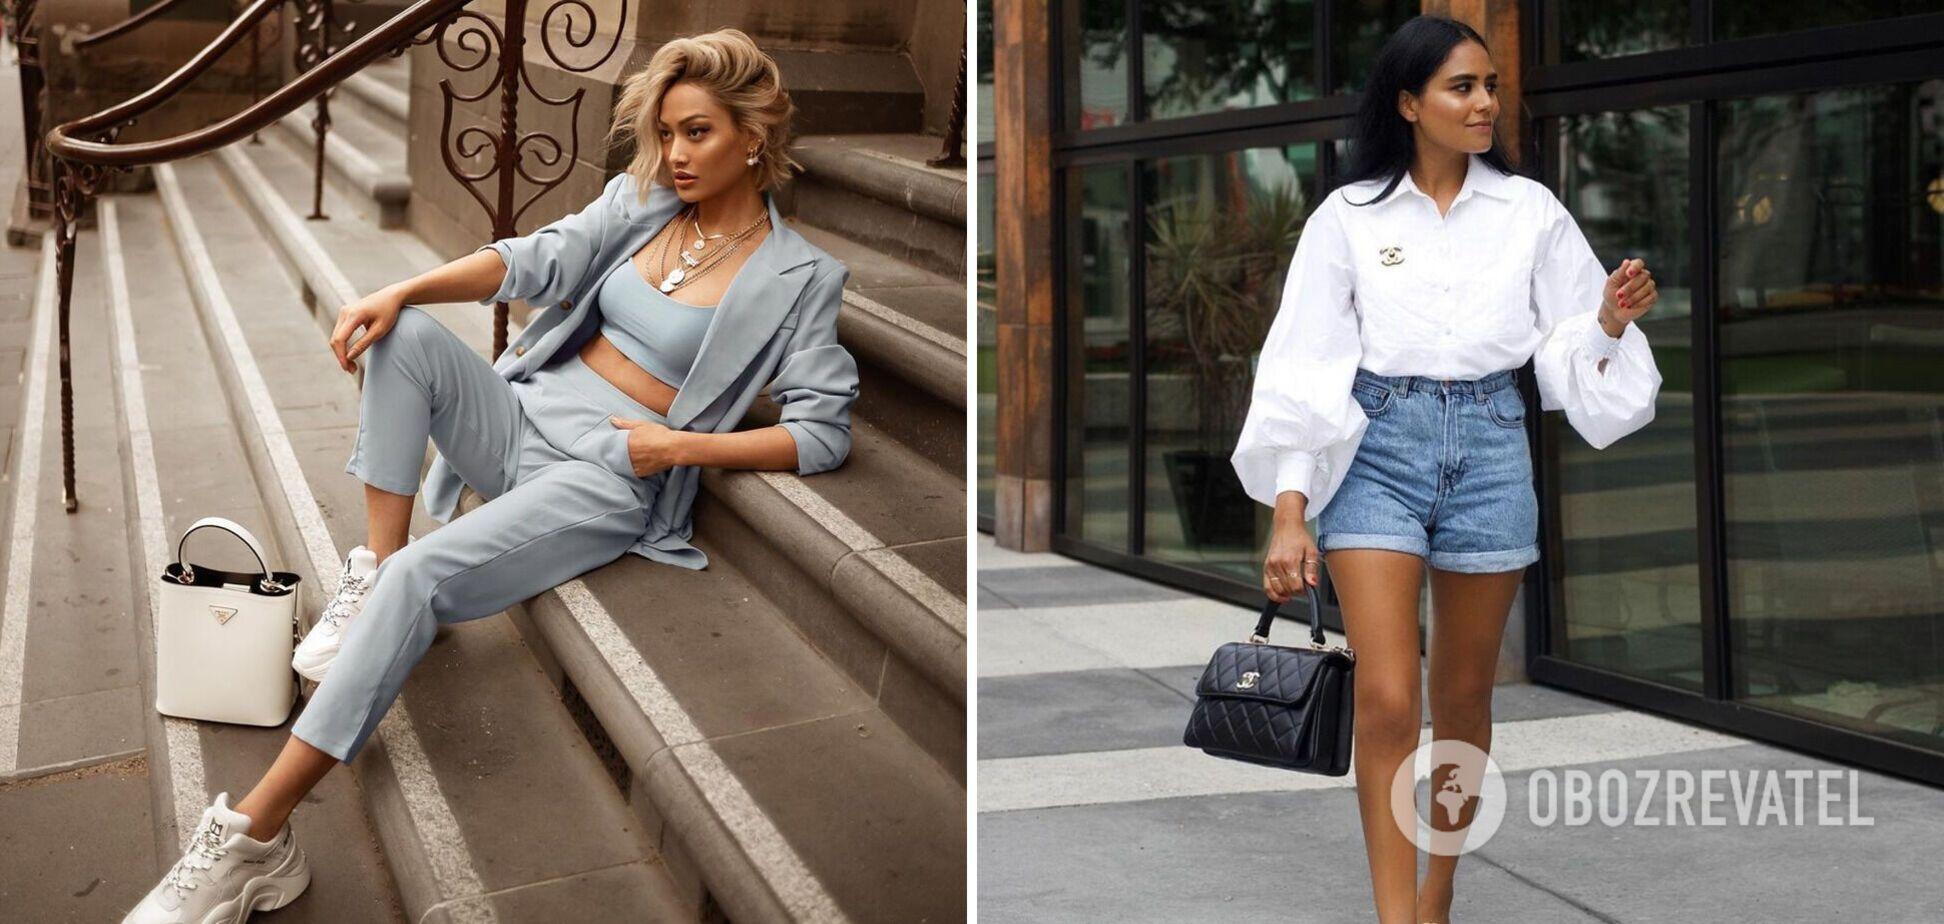 Простой низ, топ навыпуск и длина юбки: самые распространенные ошибки в стиле